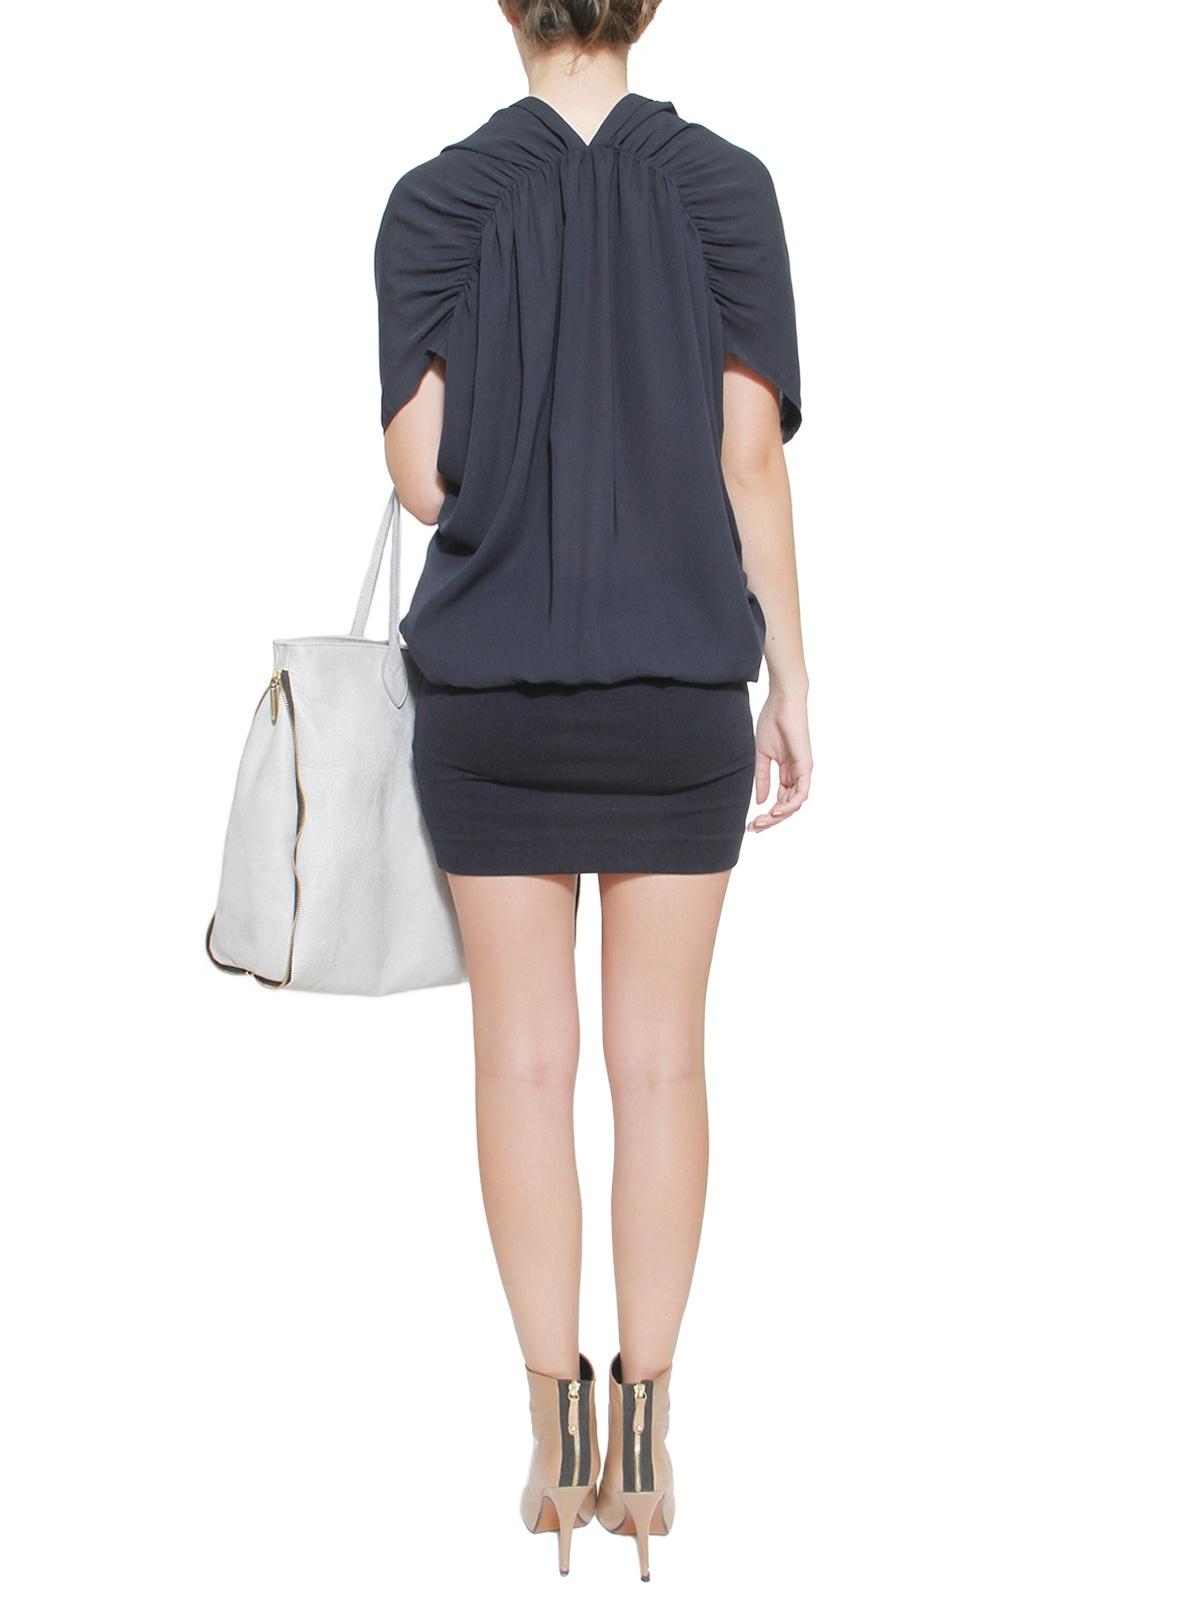 FAREL | Shop for Fashion Trends in Vestidos - GIRISSIMA.COM